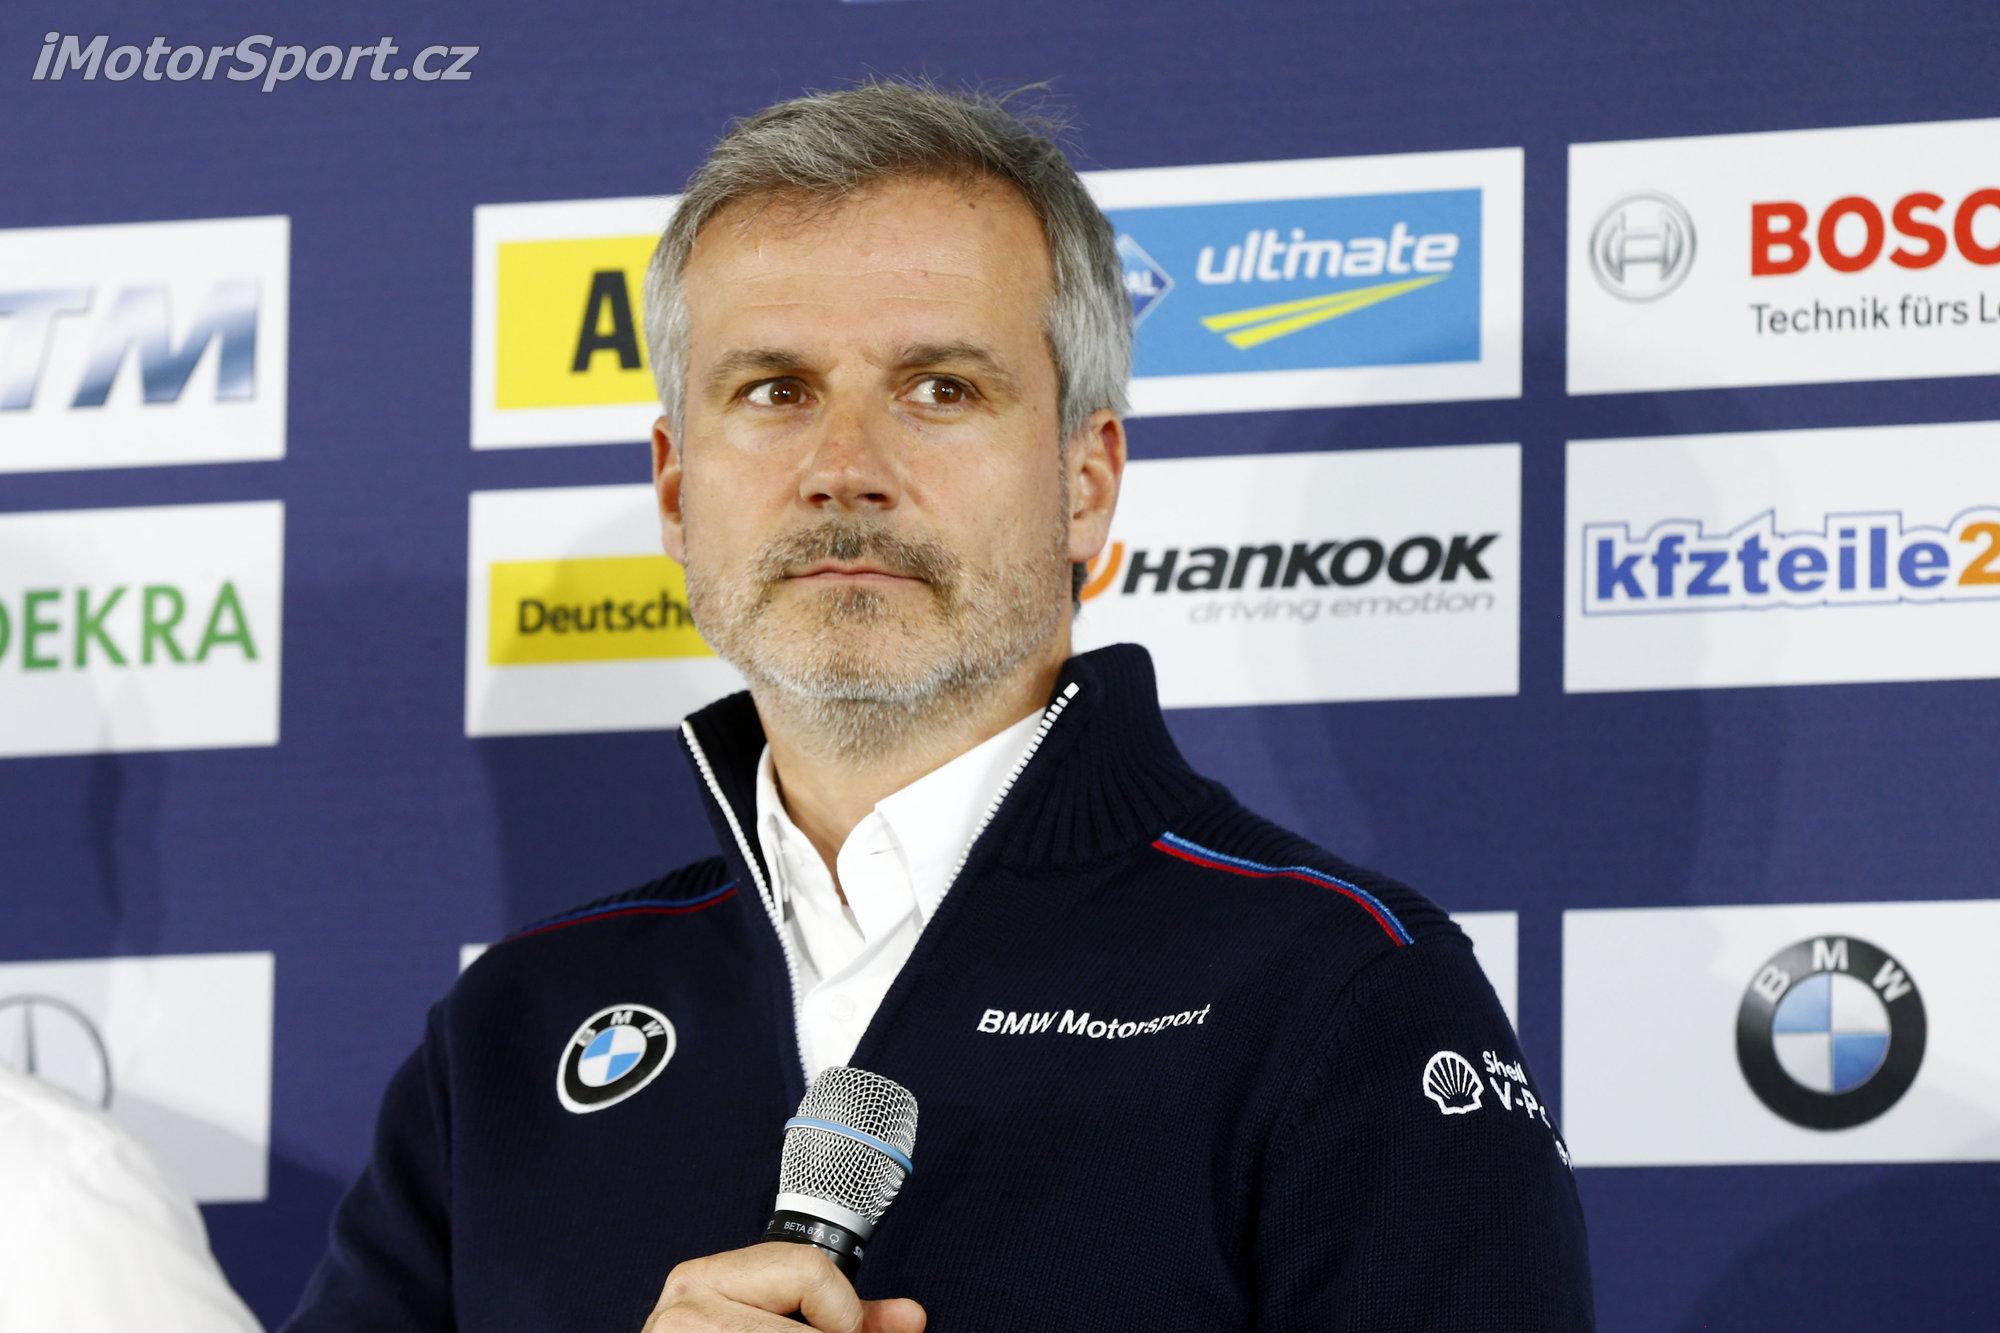 Jens Marquard si zákaznické týmy v DTM představit umí